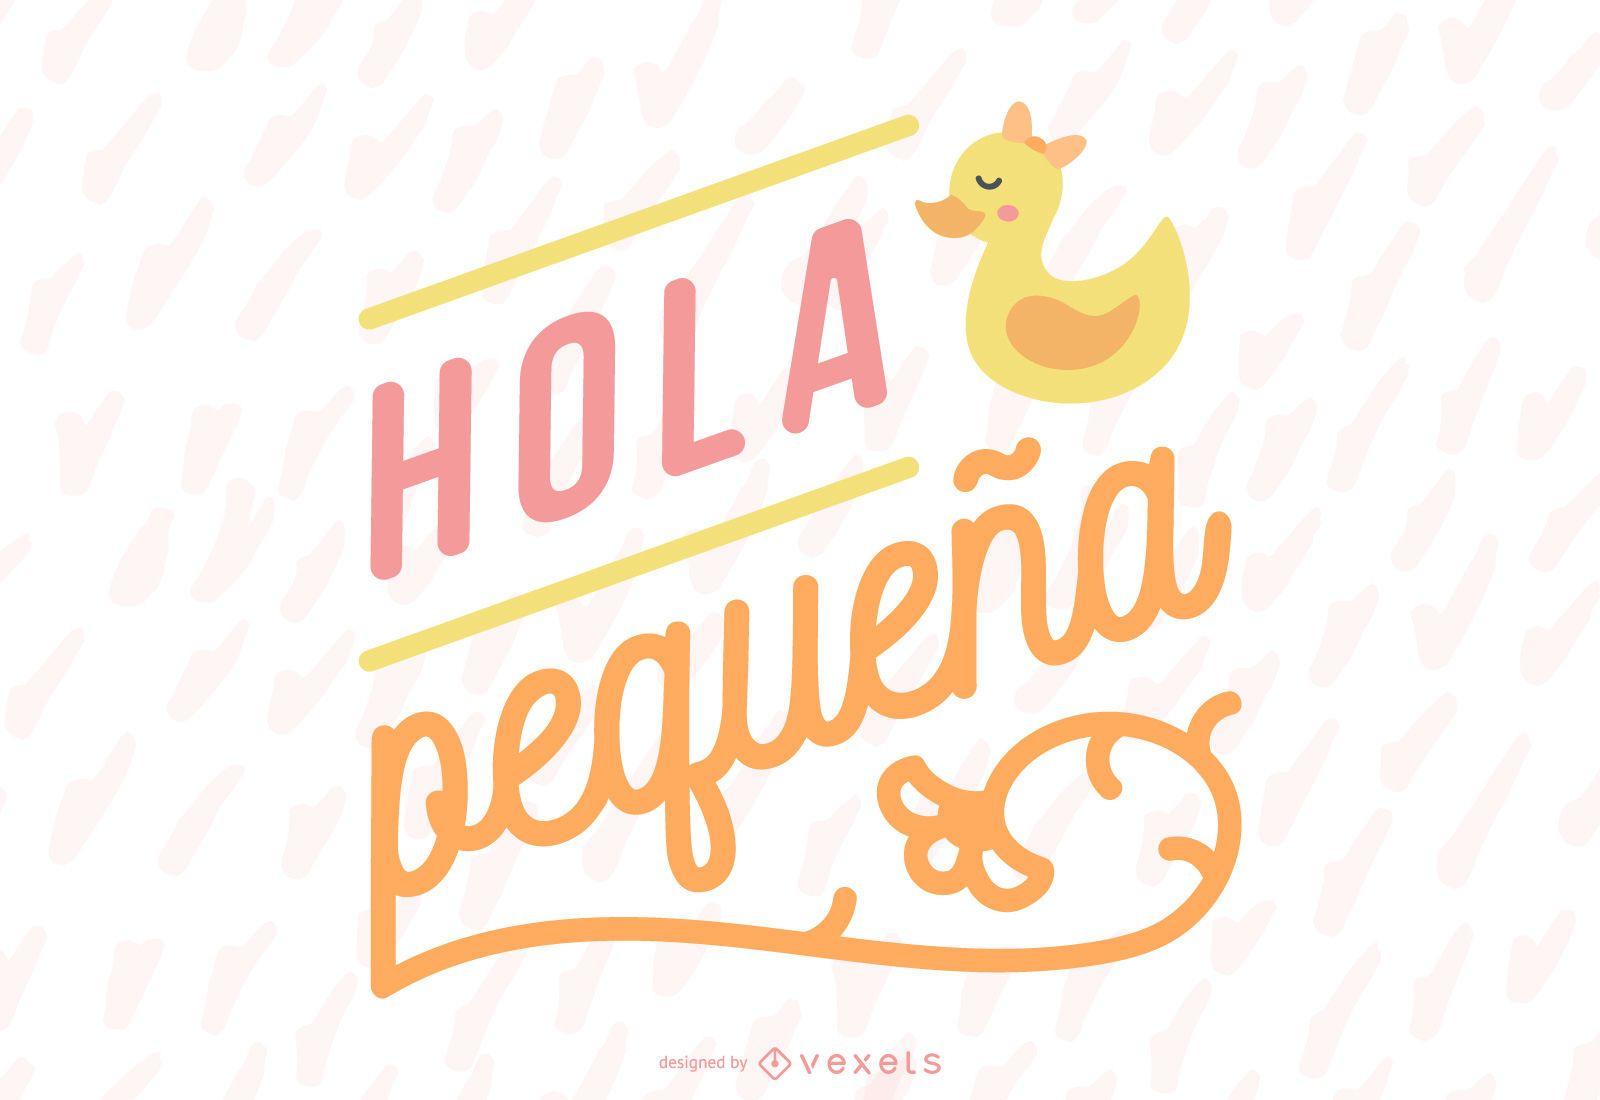 Nuevo banner de letras en español para niña